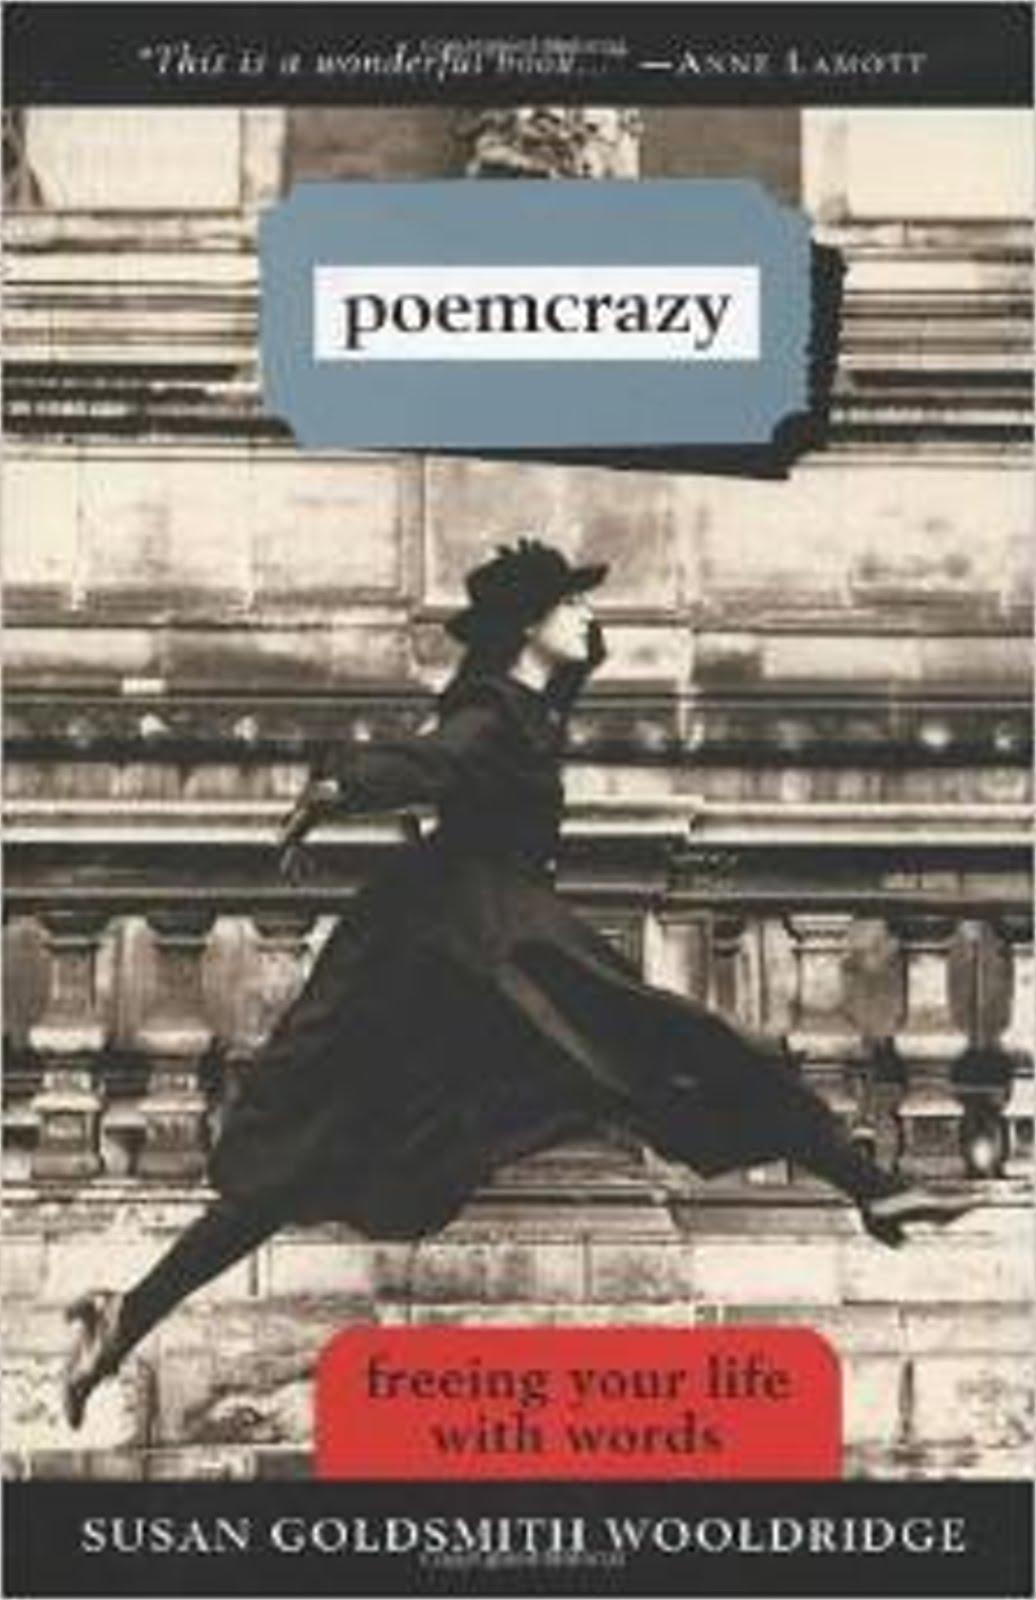 Poem Crazy